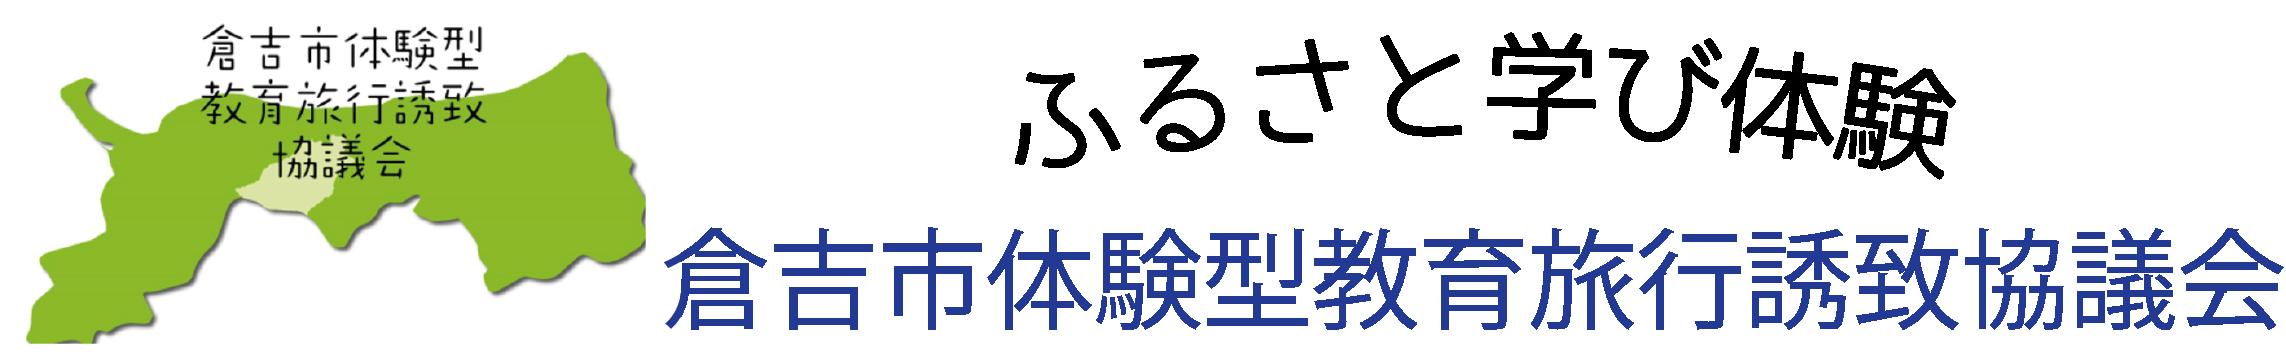 ふるさと学びたいけん 倉吉市体験型教育旅行誘致協議会